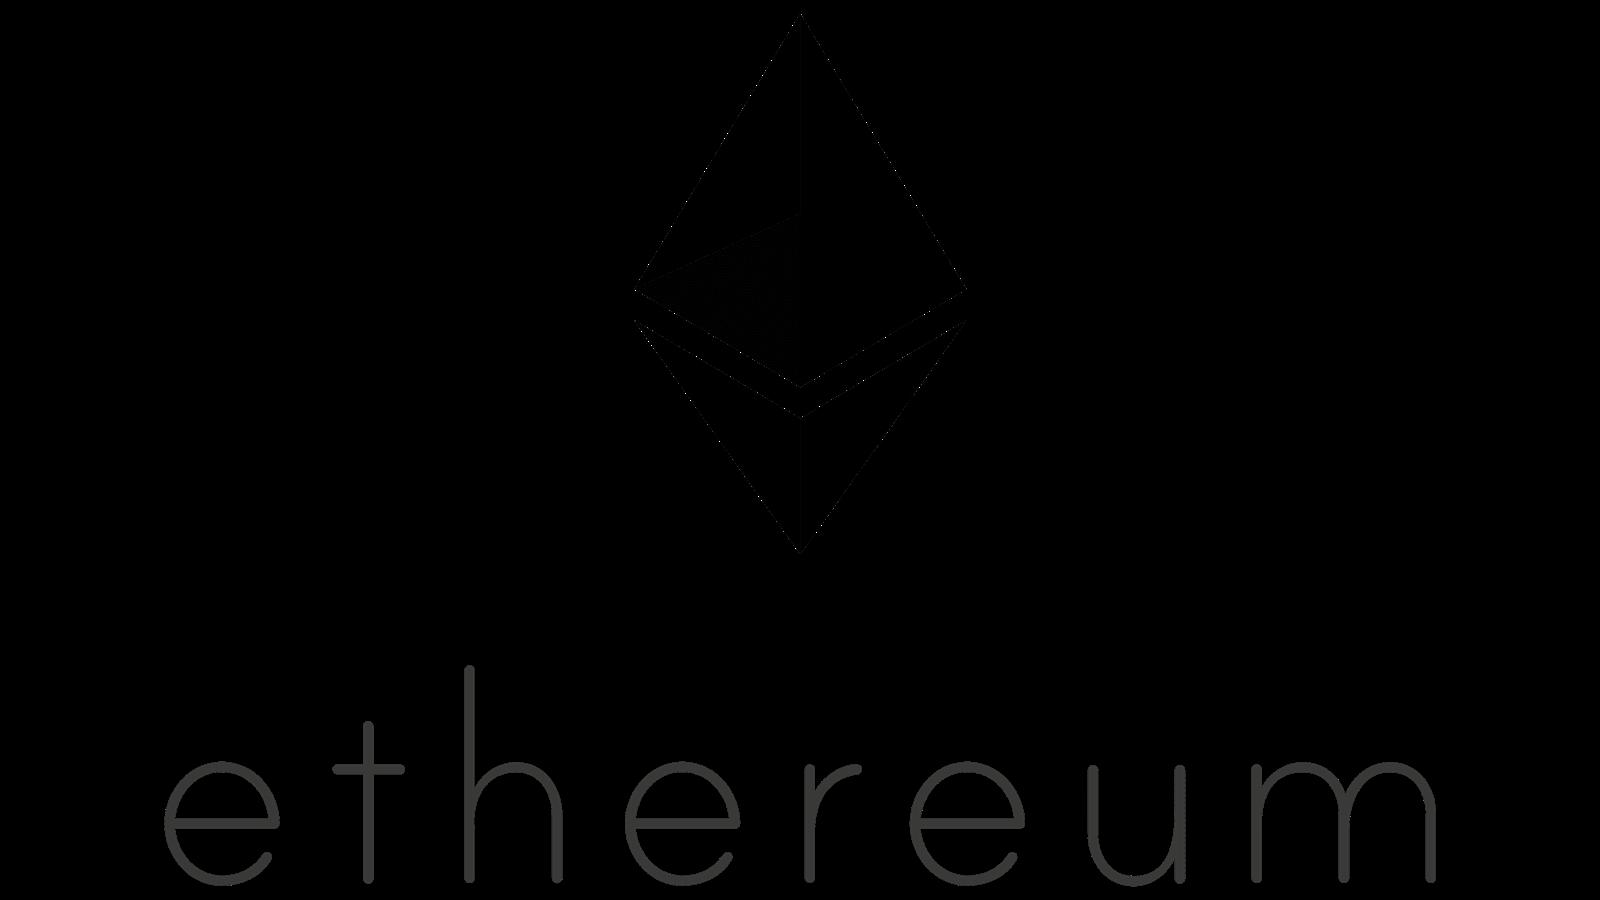 เหรียญคริปโตที่น่าลงทุนปี 2021 Ethereum